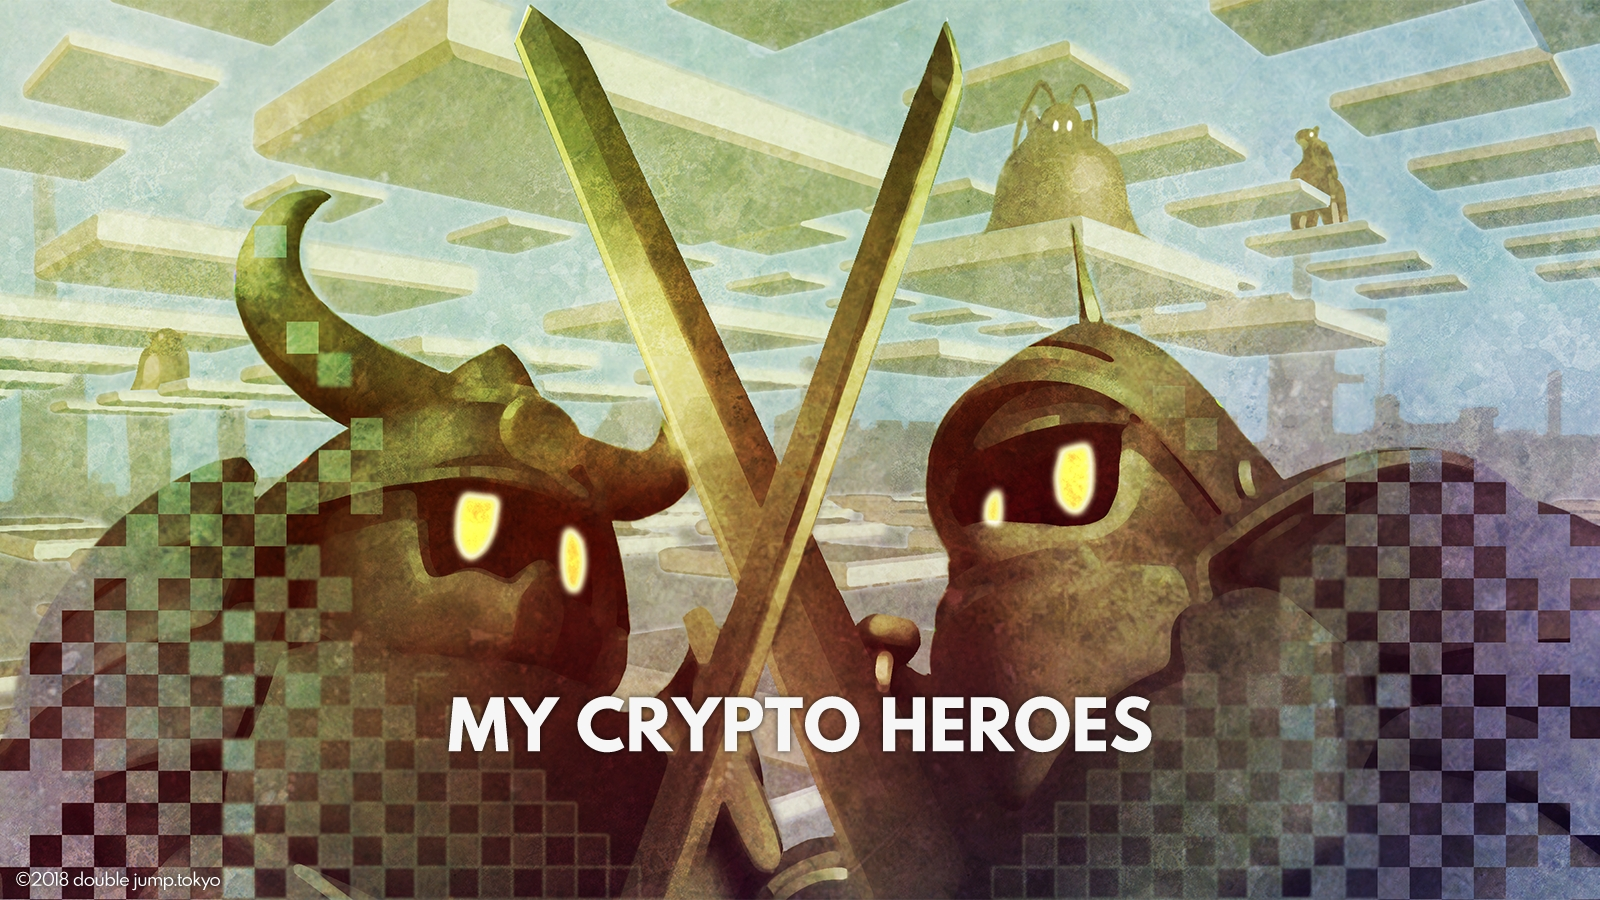 新作ブロックチェーンゲーム『My Crypto Heroes』が夏リリースに向けて開発中!